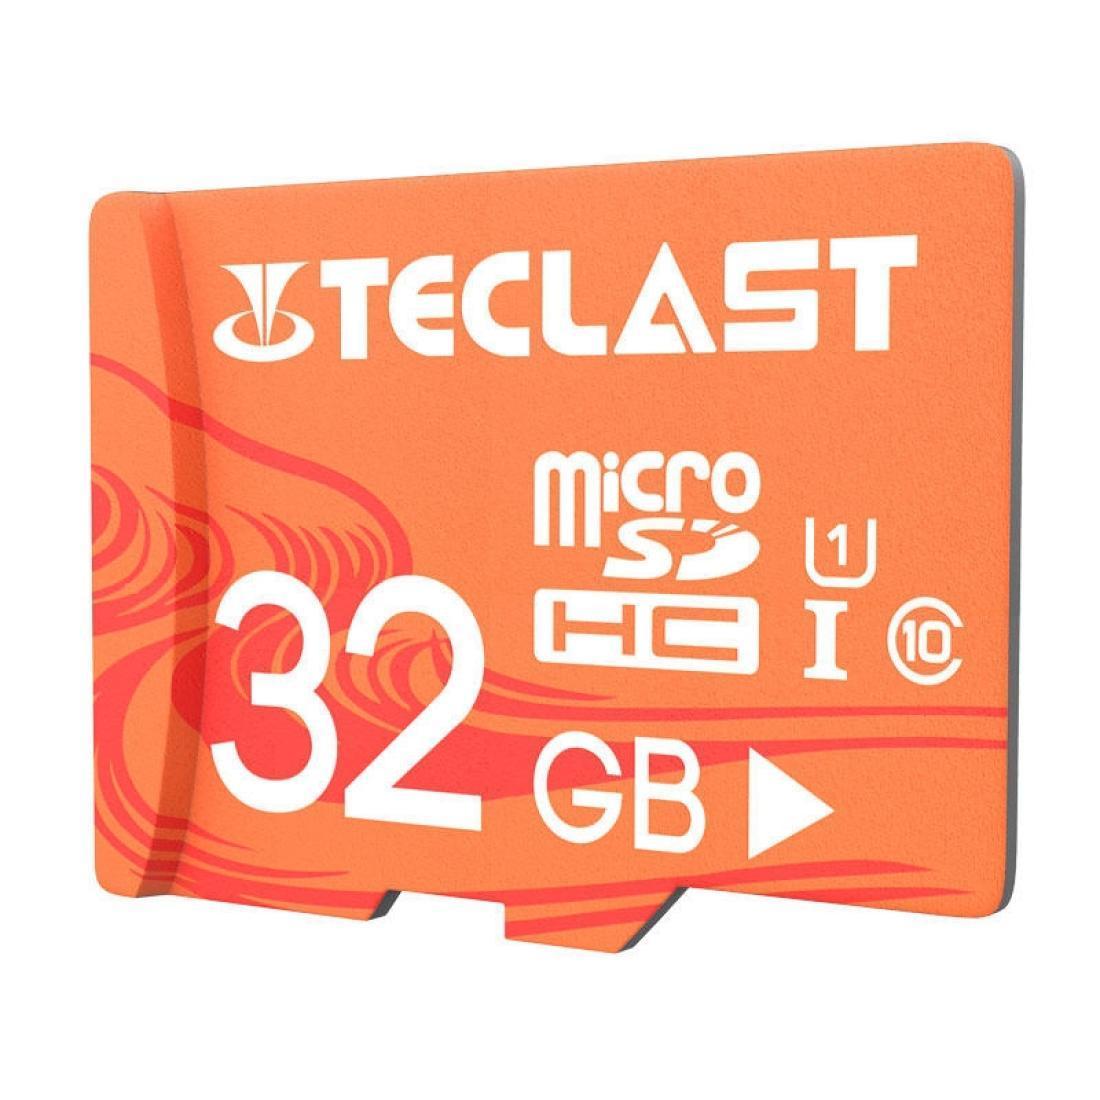 Teclast 32GB TF Card